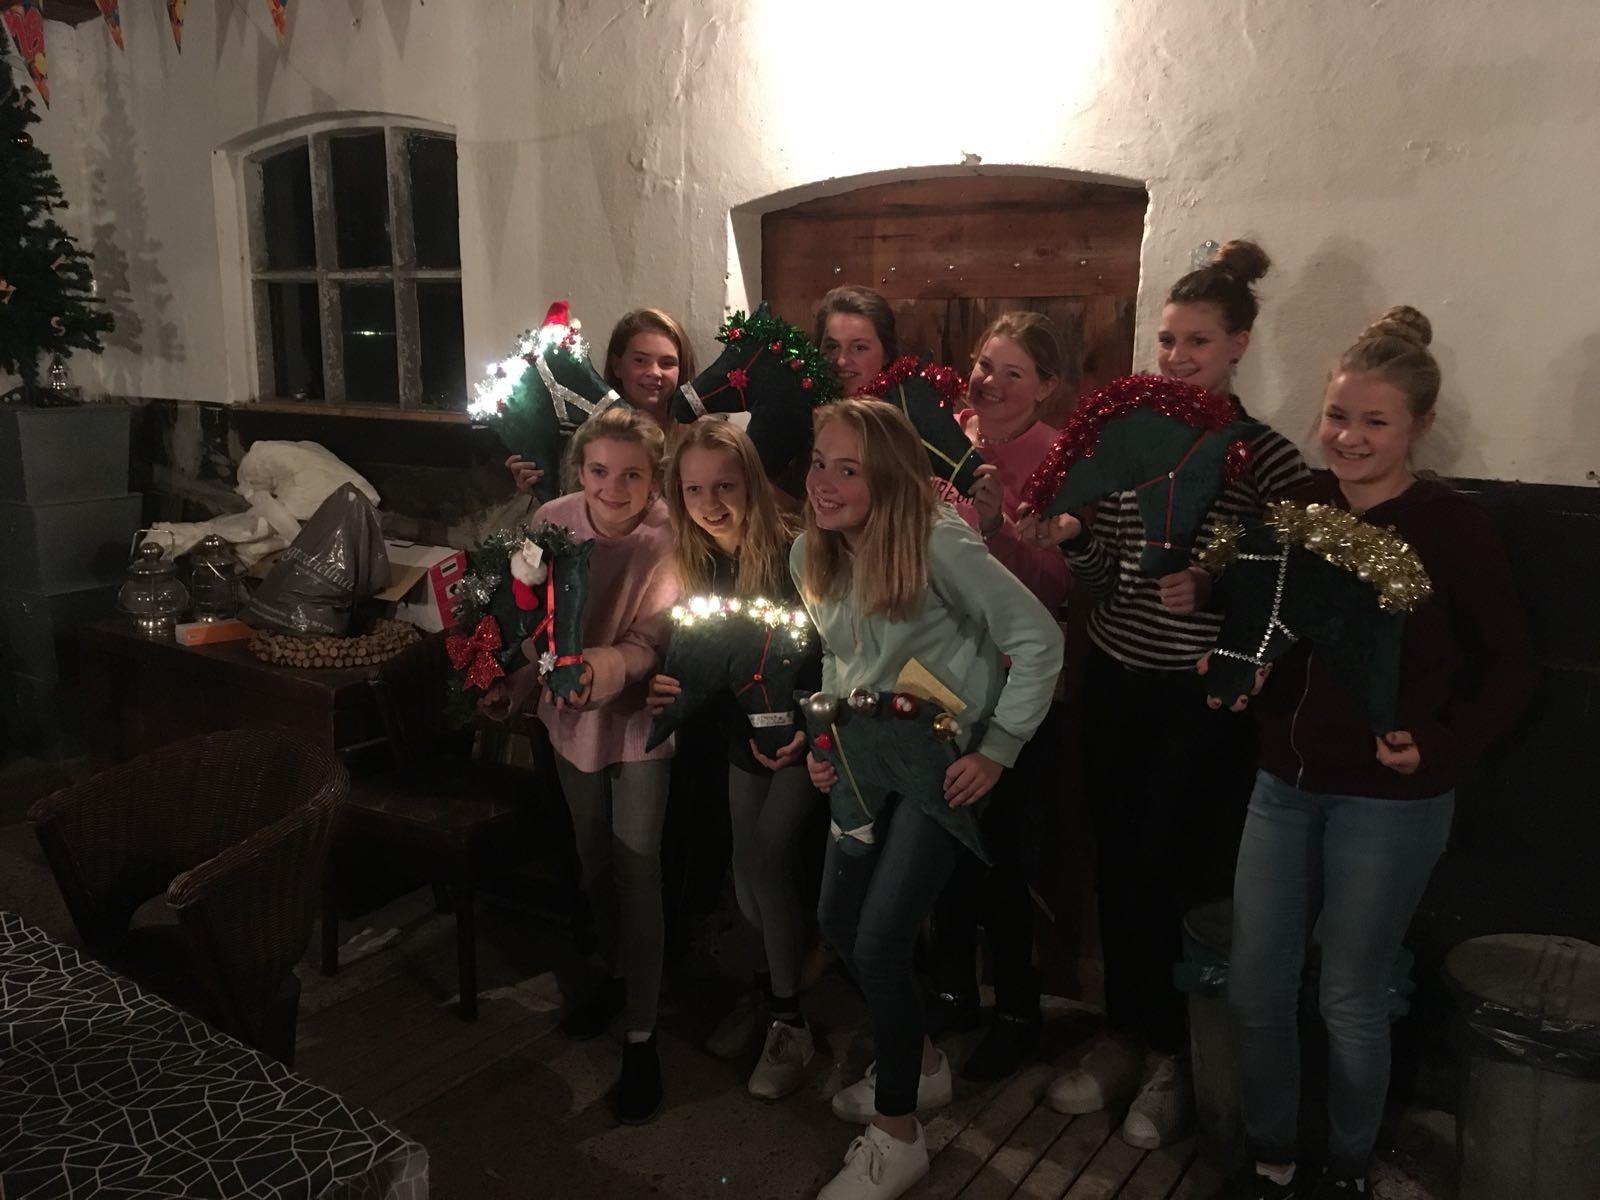 De jeugdruiters maken kerstpaarden